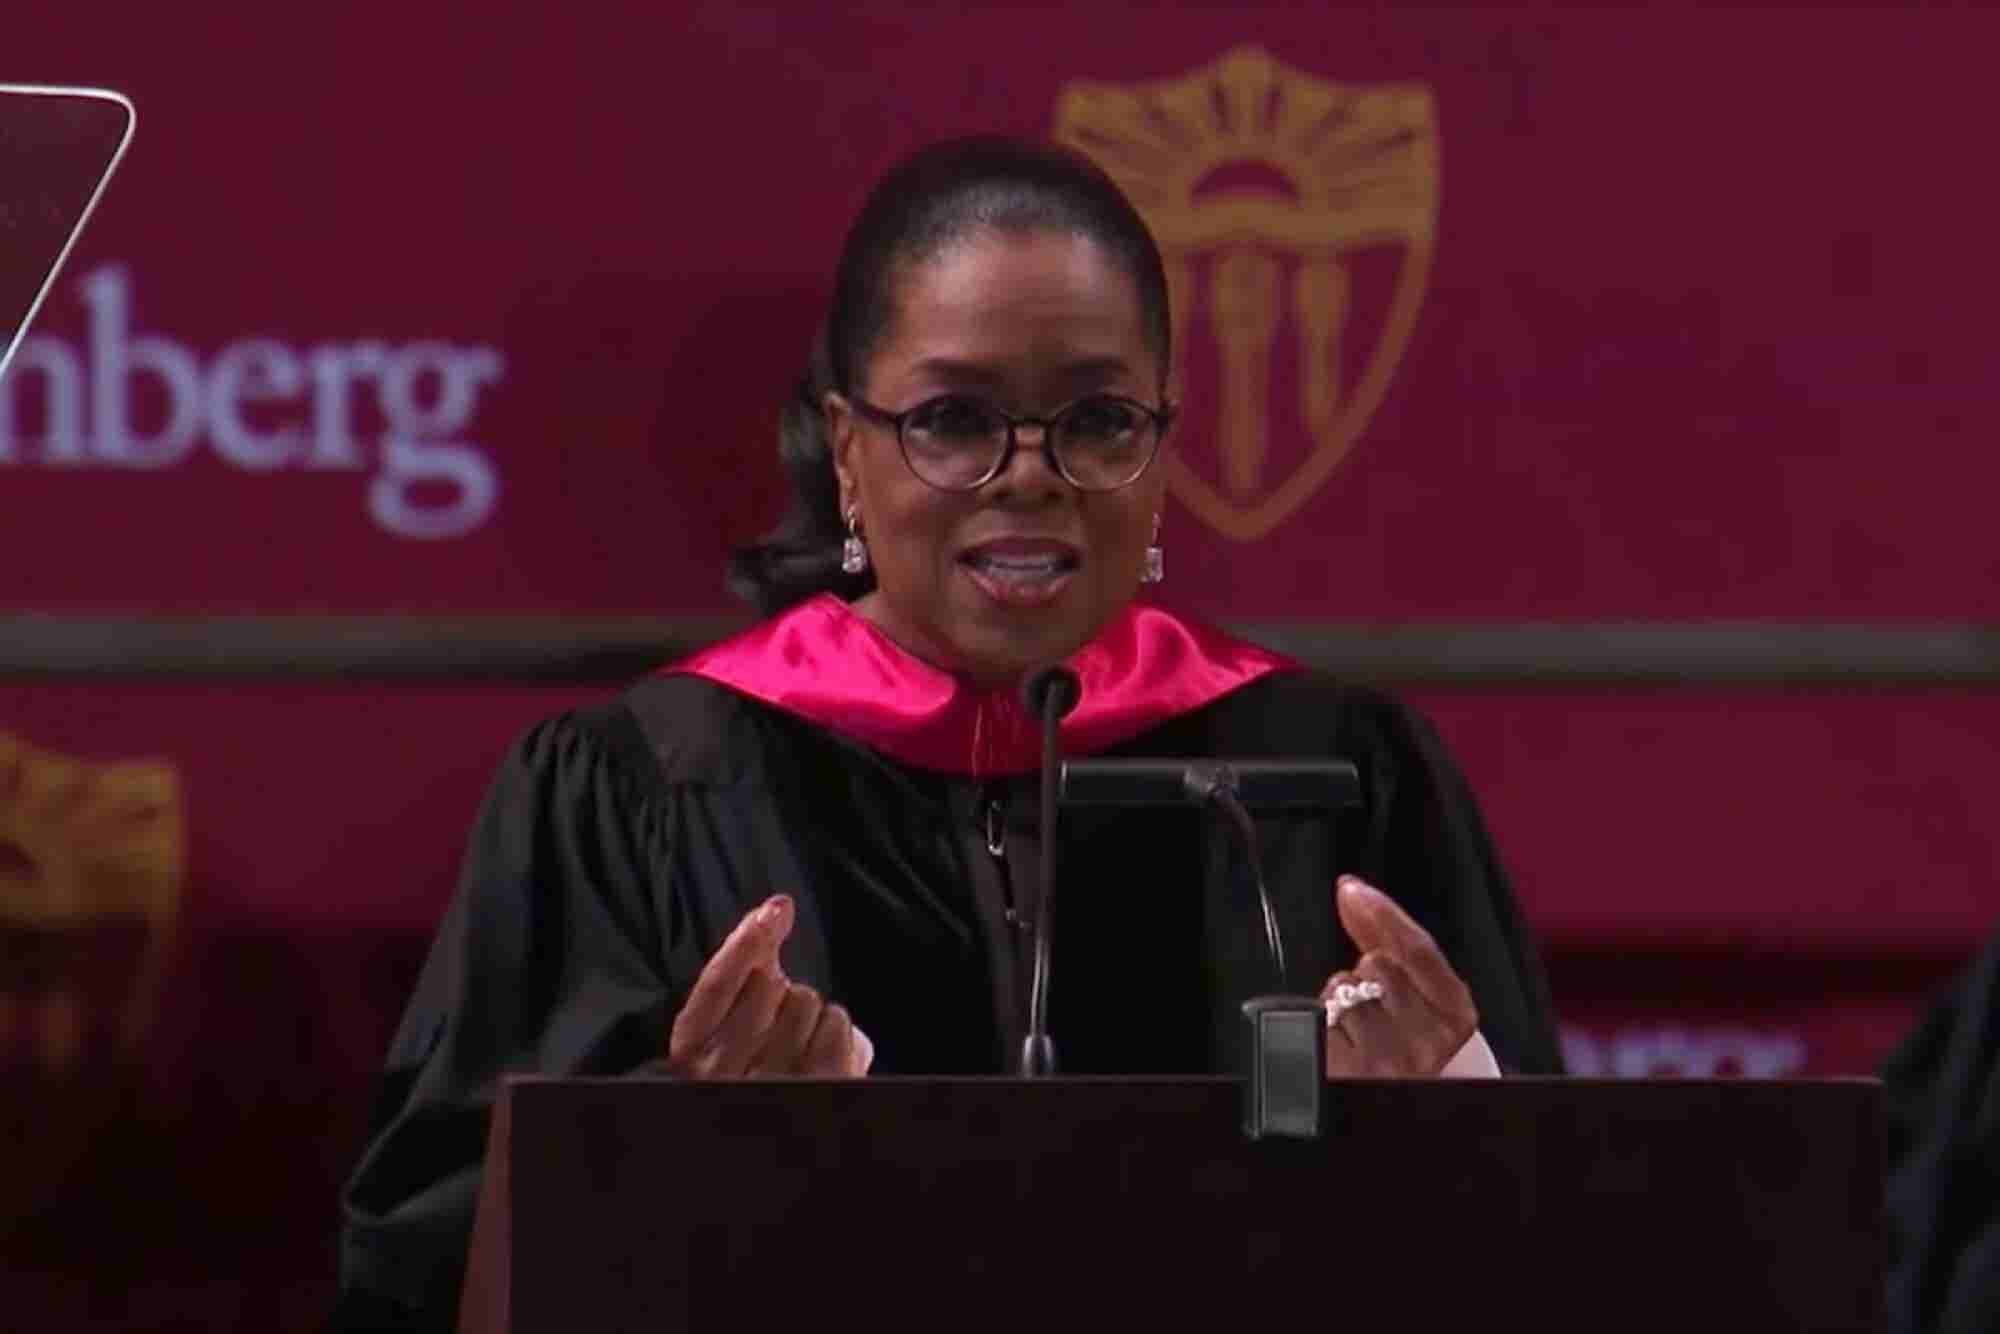 Watch Oprah Winfrey's Empowering 2018 USC Commencement Speech (Transcript)